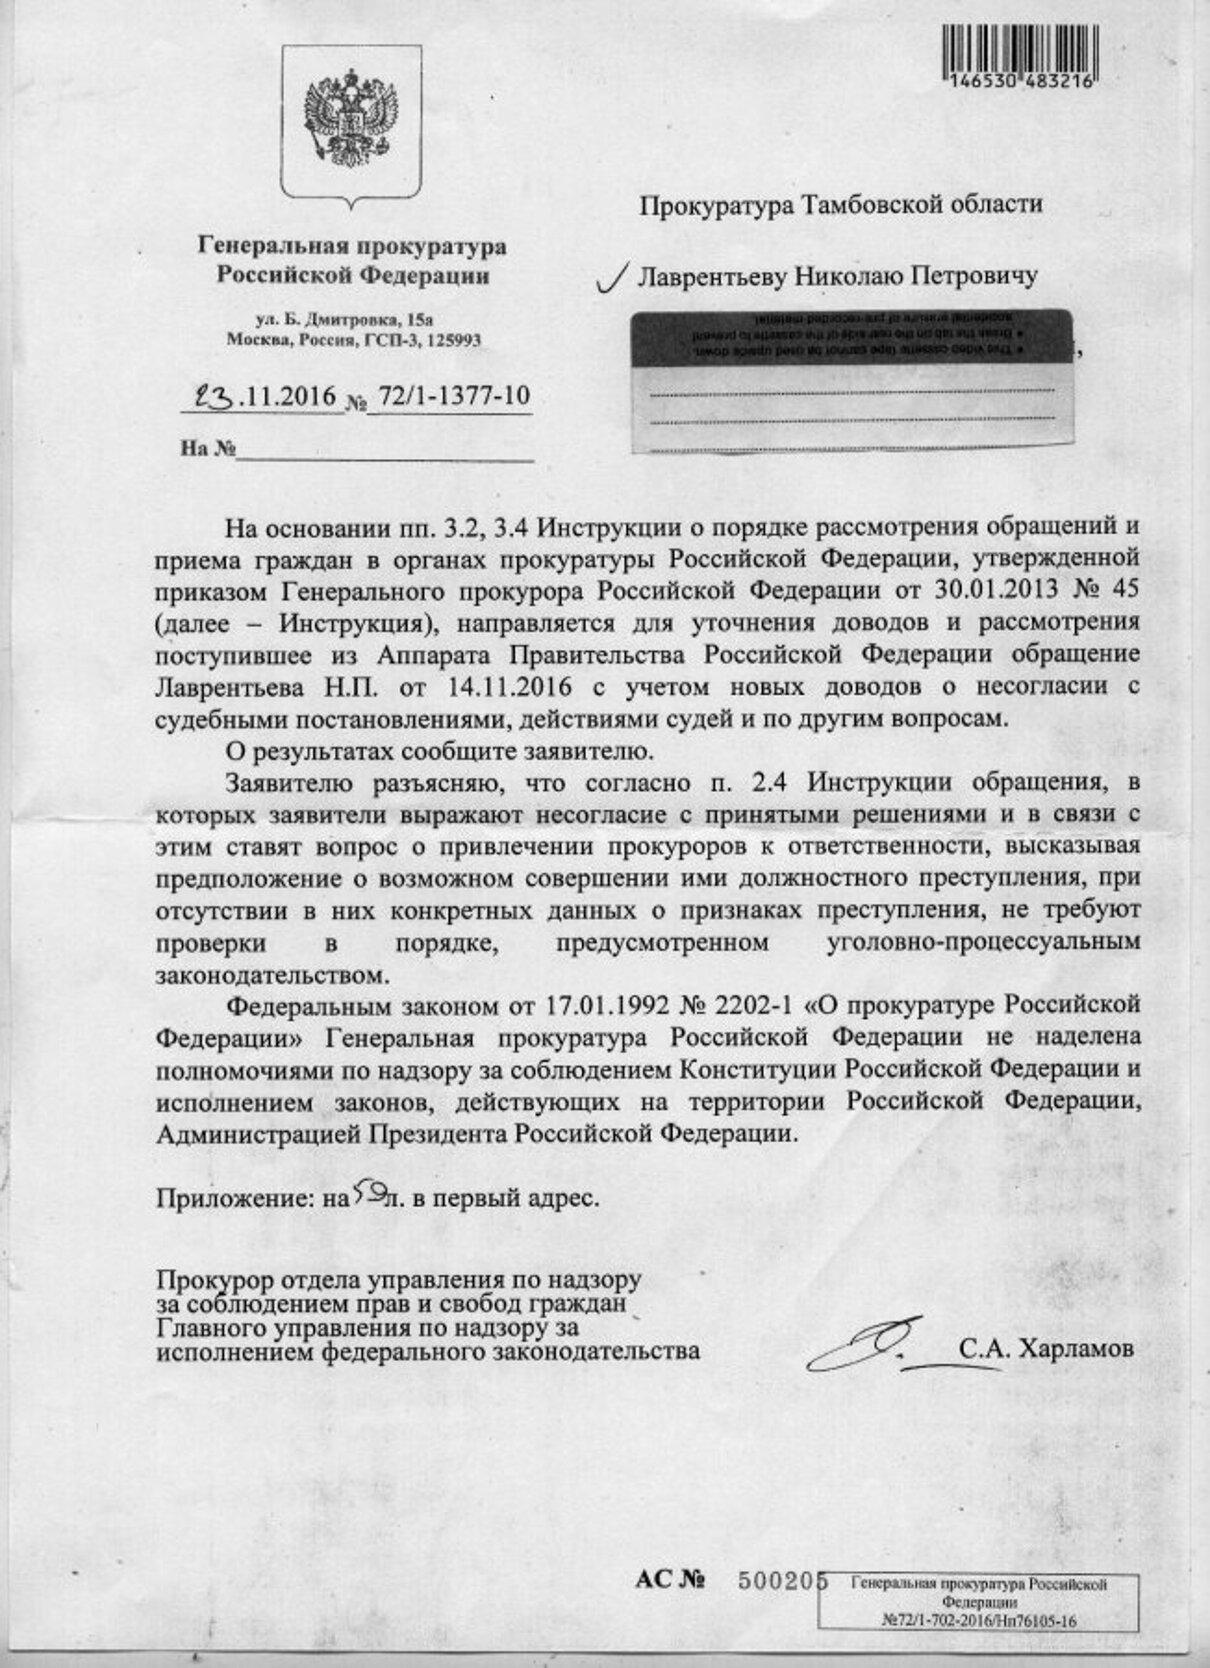 Жалоба-отзыв: Госдума России - Статья 3.1 и 3.2 Конституции РФ твердит о том, что люди РФ могут внести в Госдуму инициативы. Неопровержимые мнения должны стать законами.  Фото №5